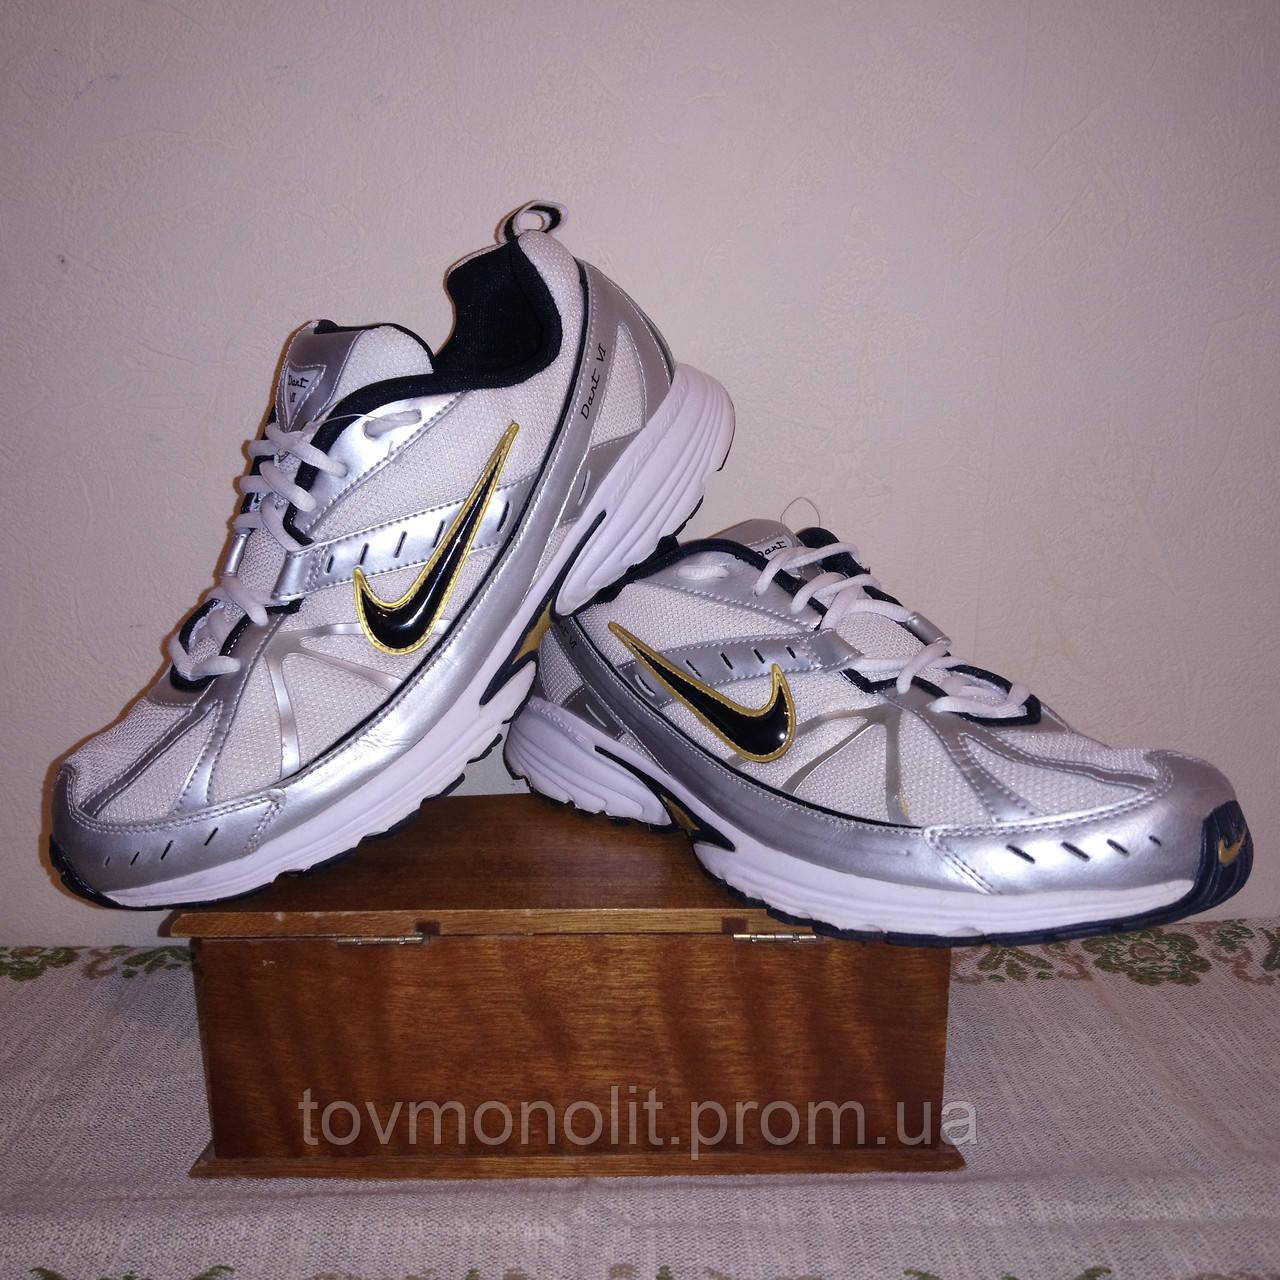 ece090765a9 Заказаны Кроссовки Nike Dart 6